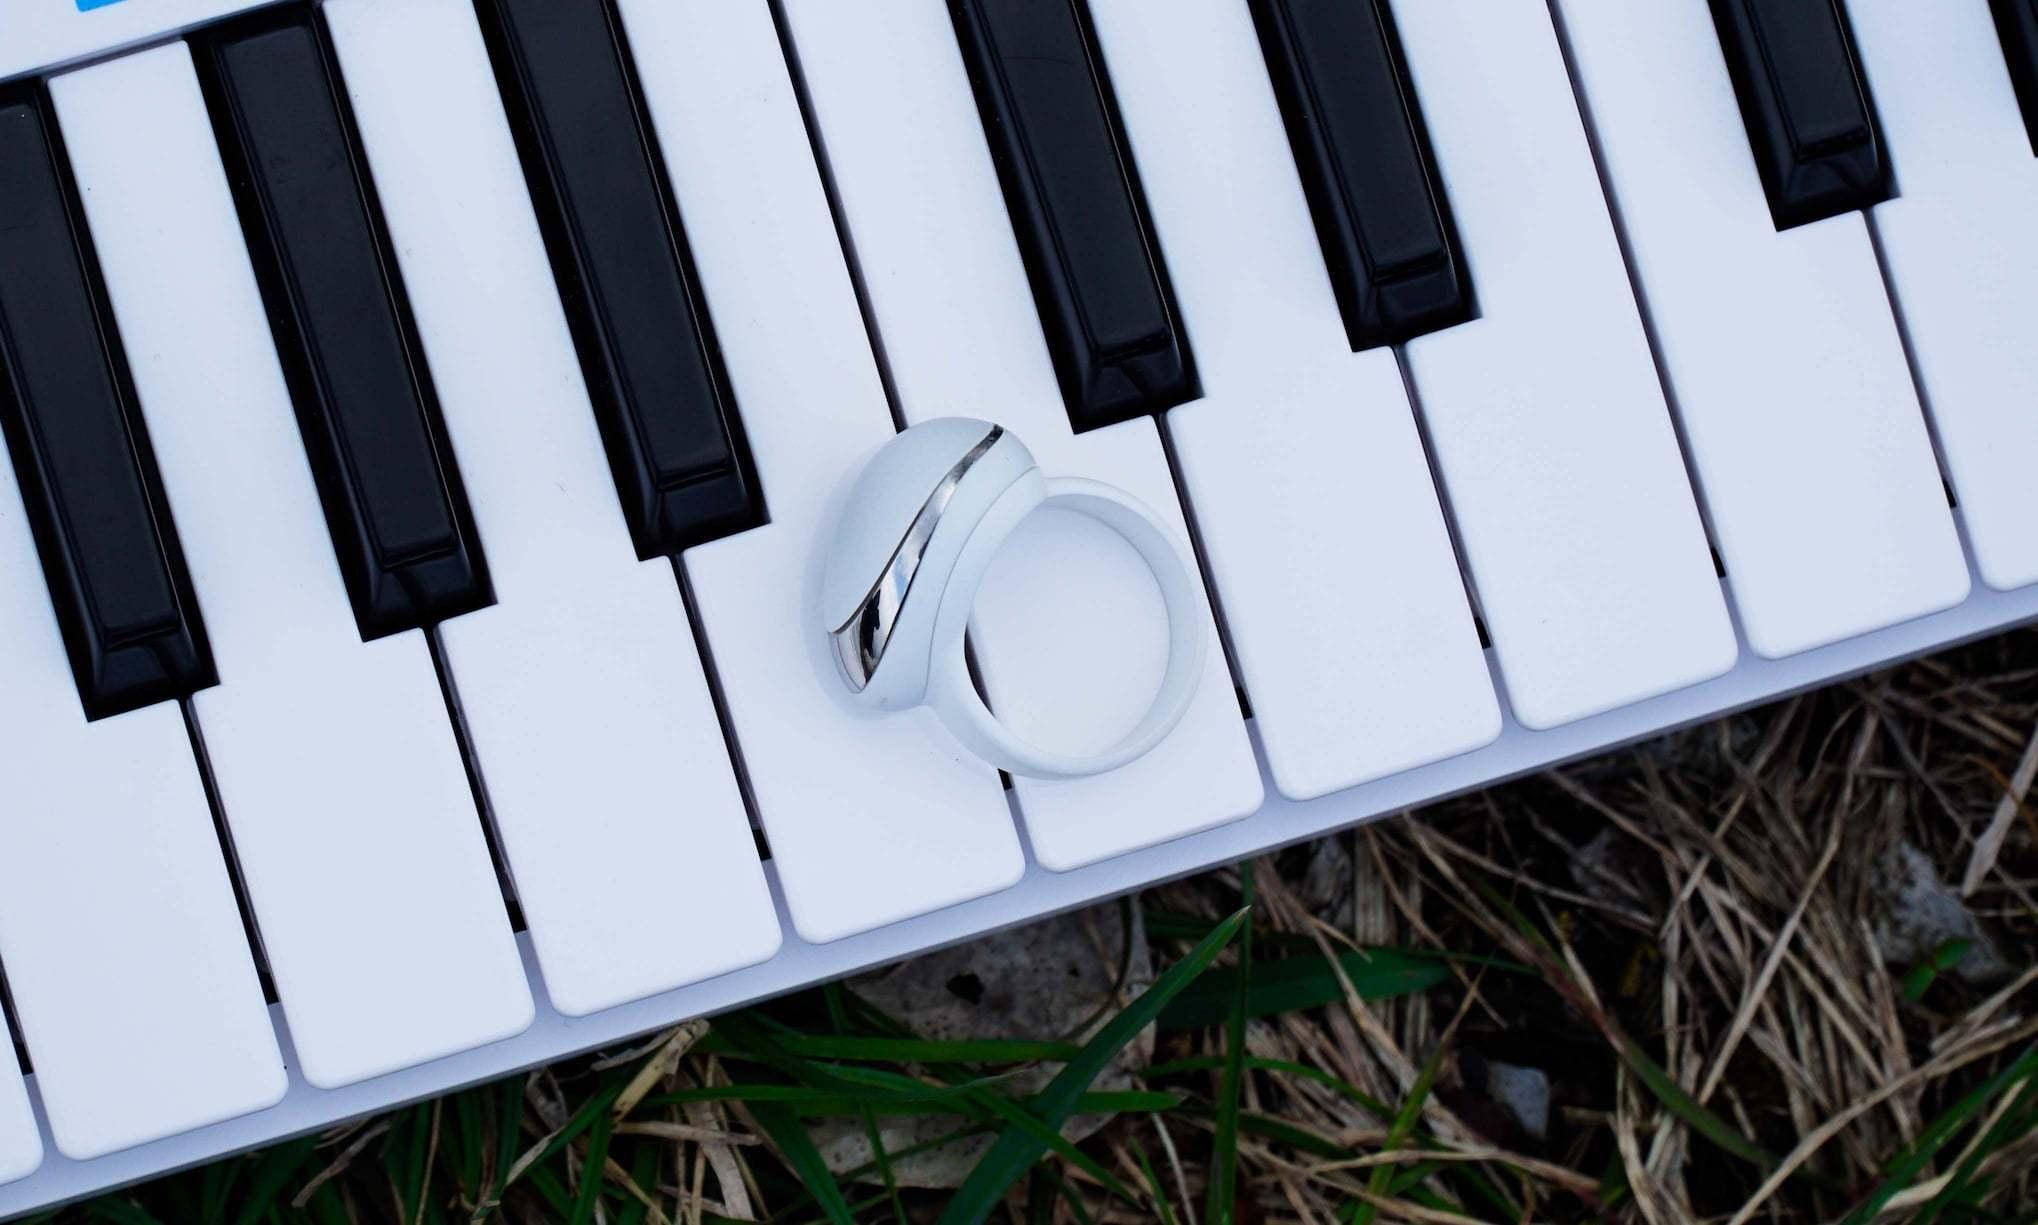 Elinizi Sallayarak Müziğe Efekt Verin